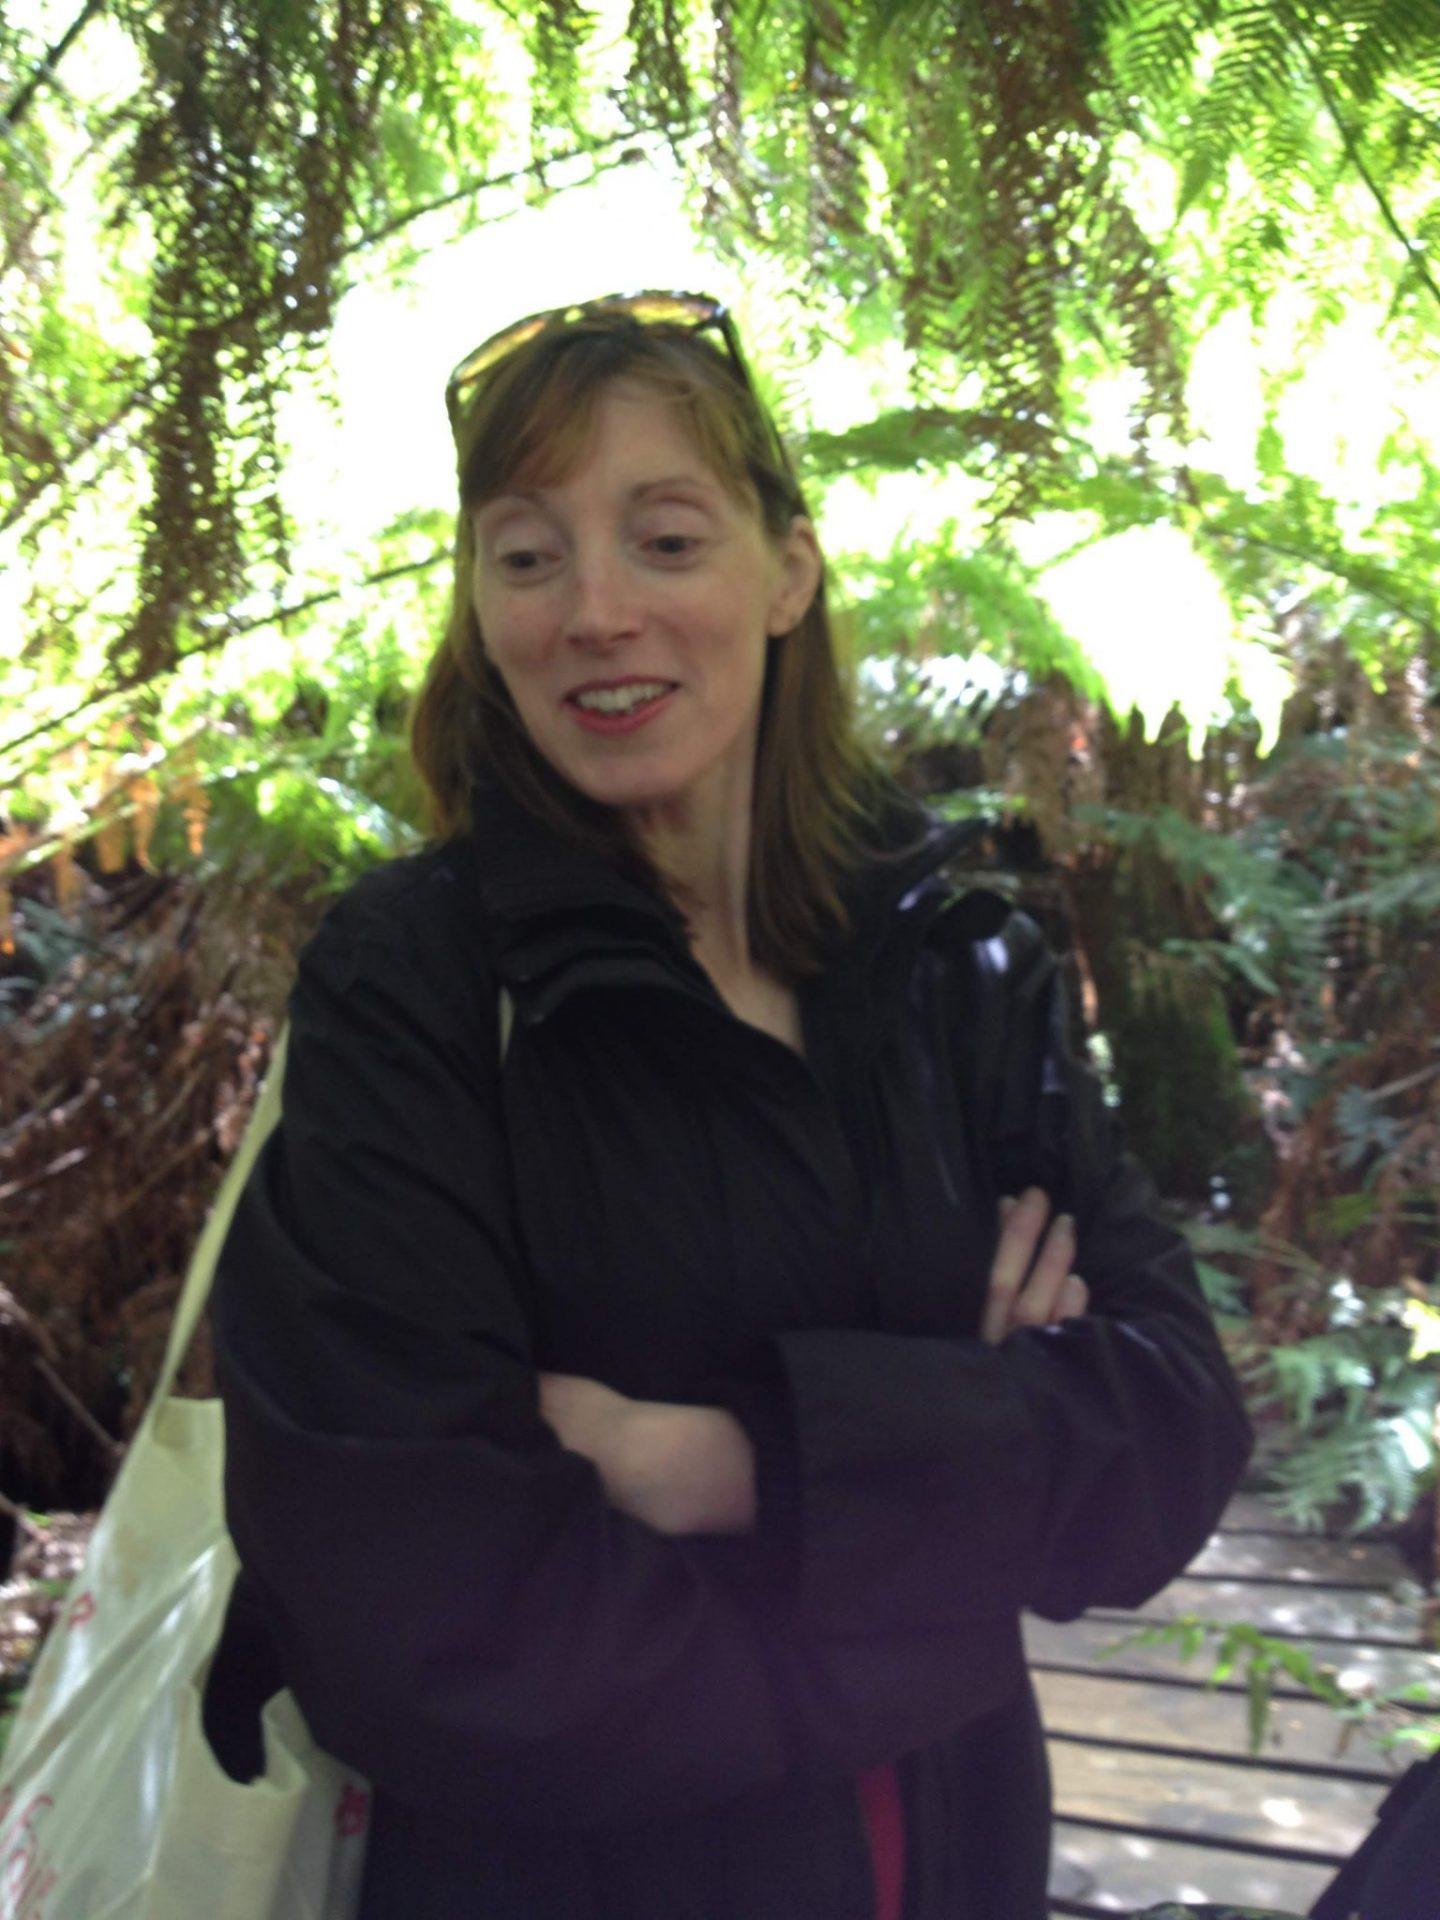 Mum in the rainforest